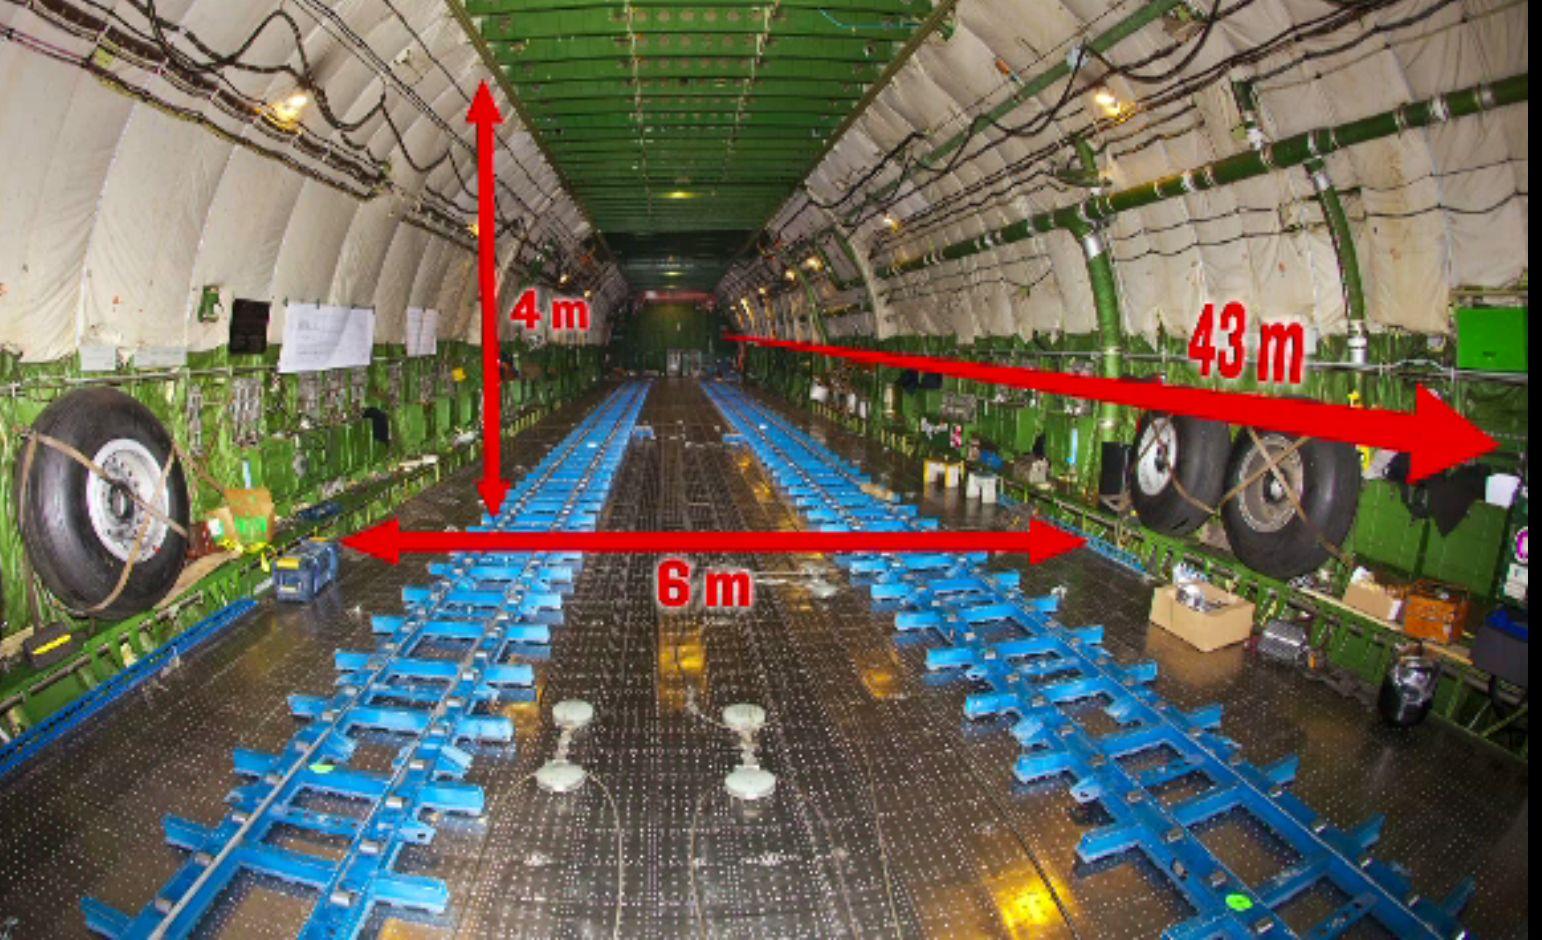 Cel mai mare avion din lume, Antonov 225, a aterizat pe Otopeni. Înălțimea e de șase etaje și e mare cât un stadion